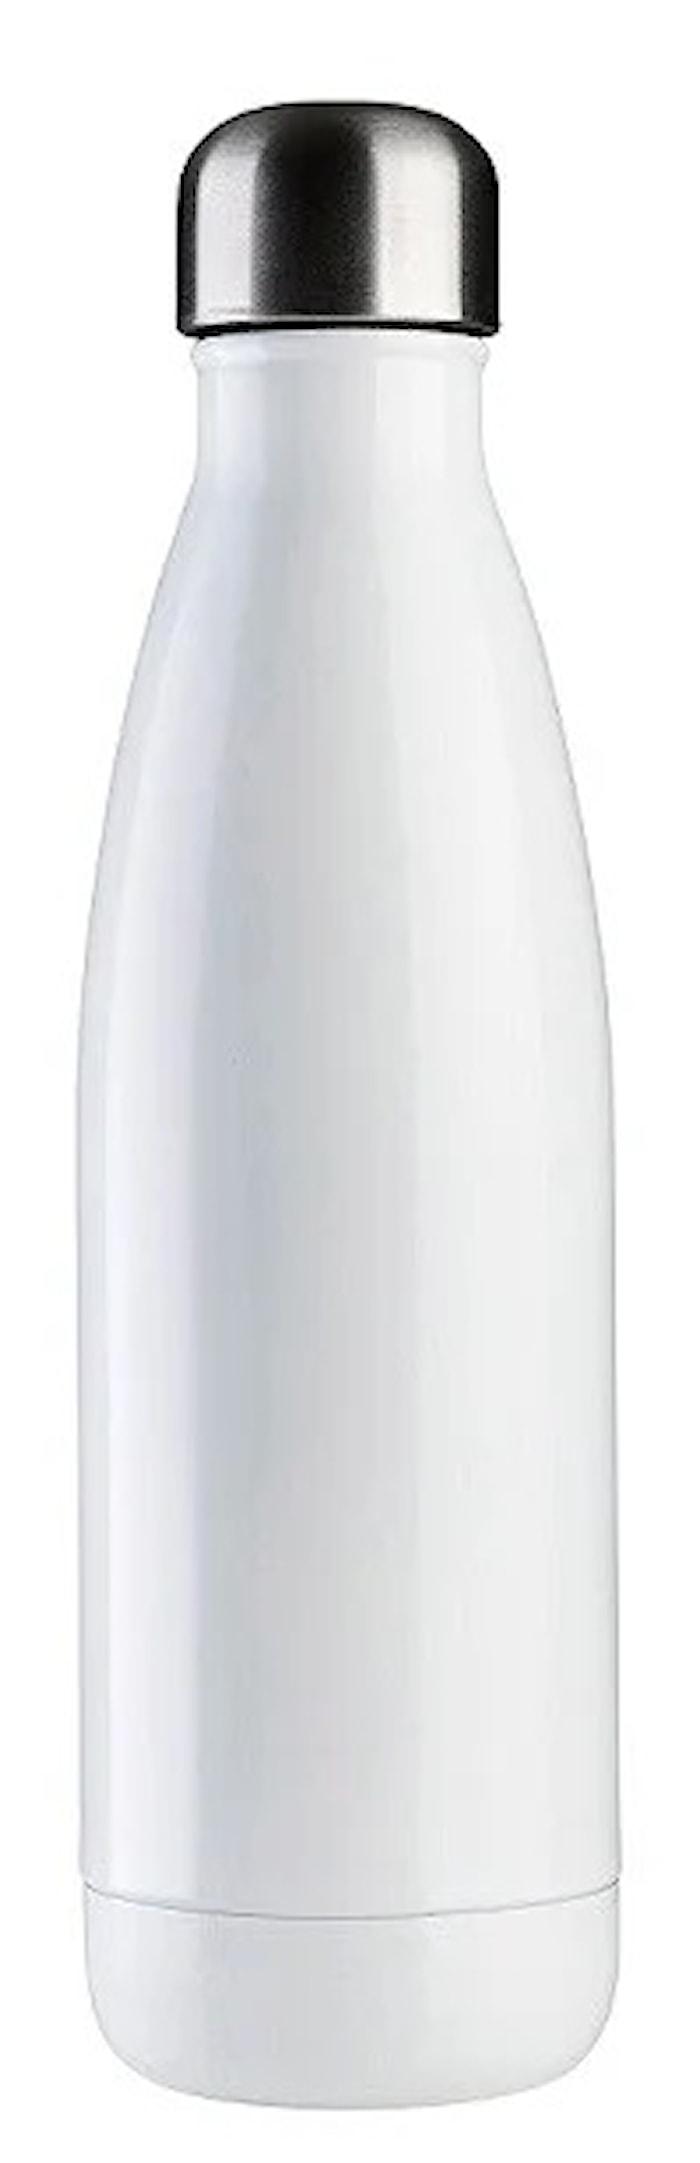 JobOut Vattenflaska Aqua White